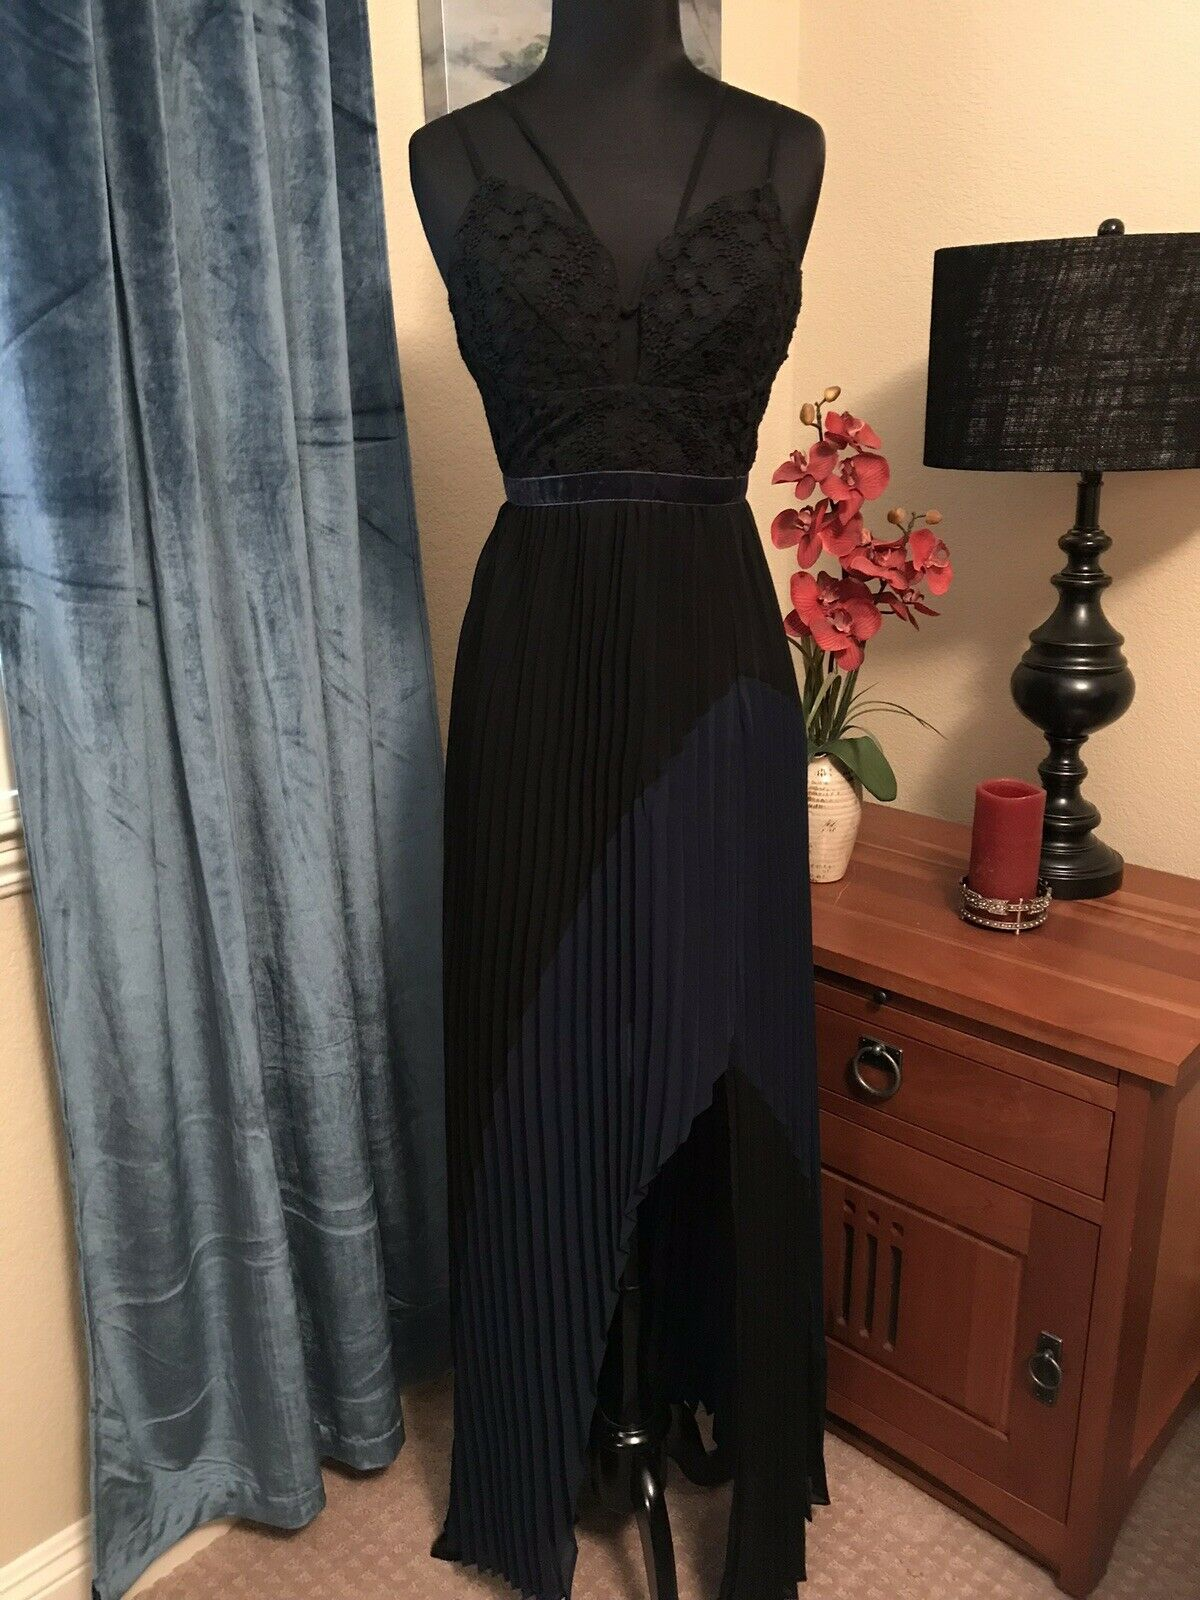 dca9eca08c0b Foxiedox Beautiful Beautiful Beautiful High Low Pleated Maxi Dress Size XS  3f3a7f ...